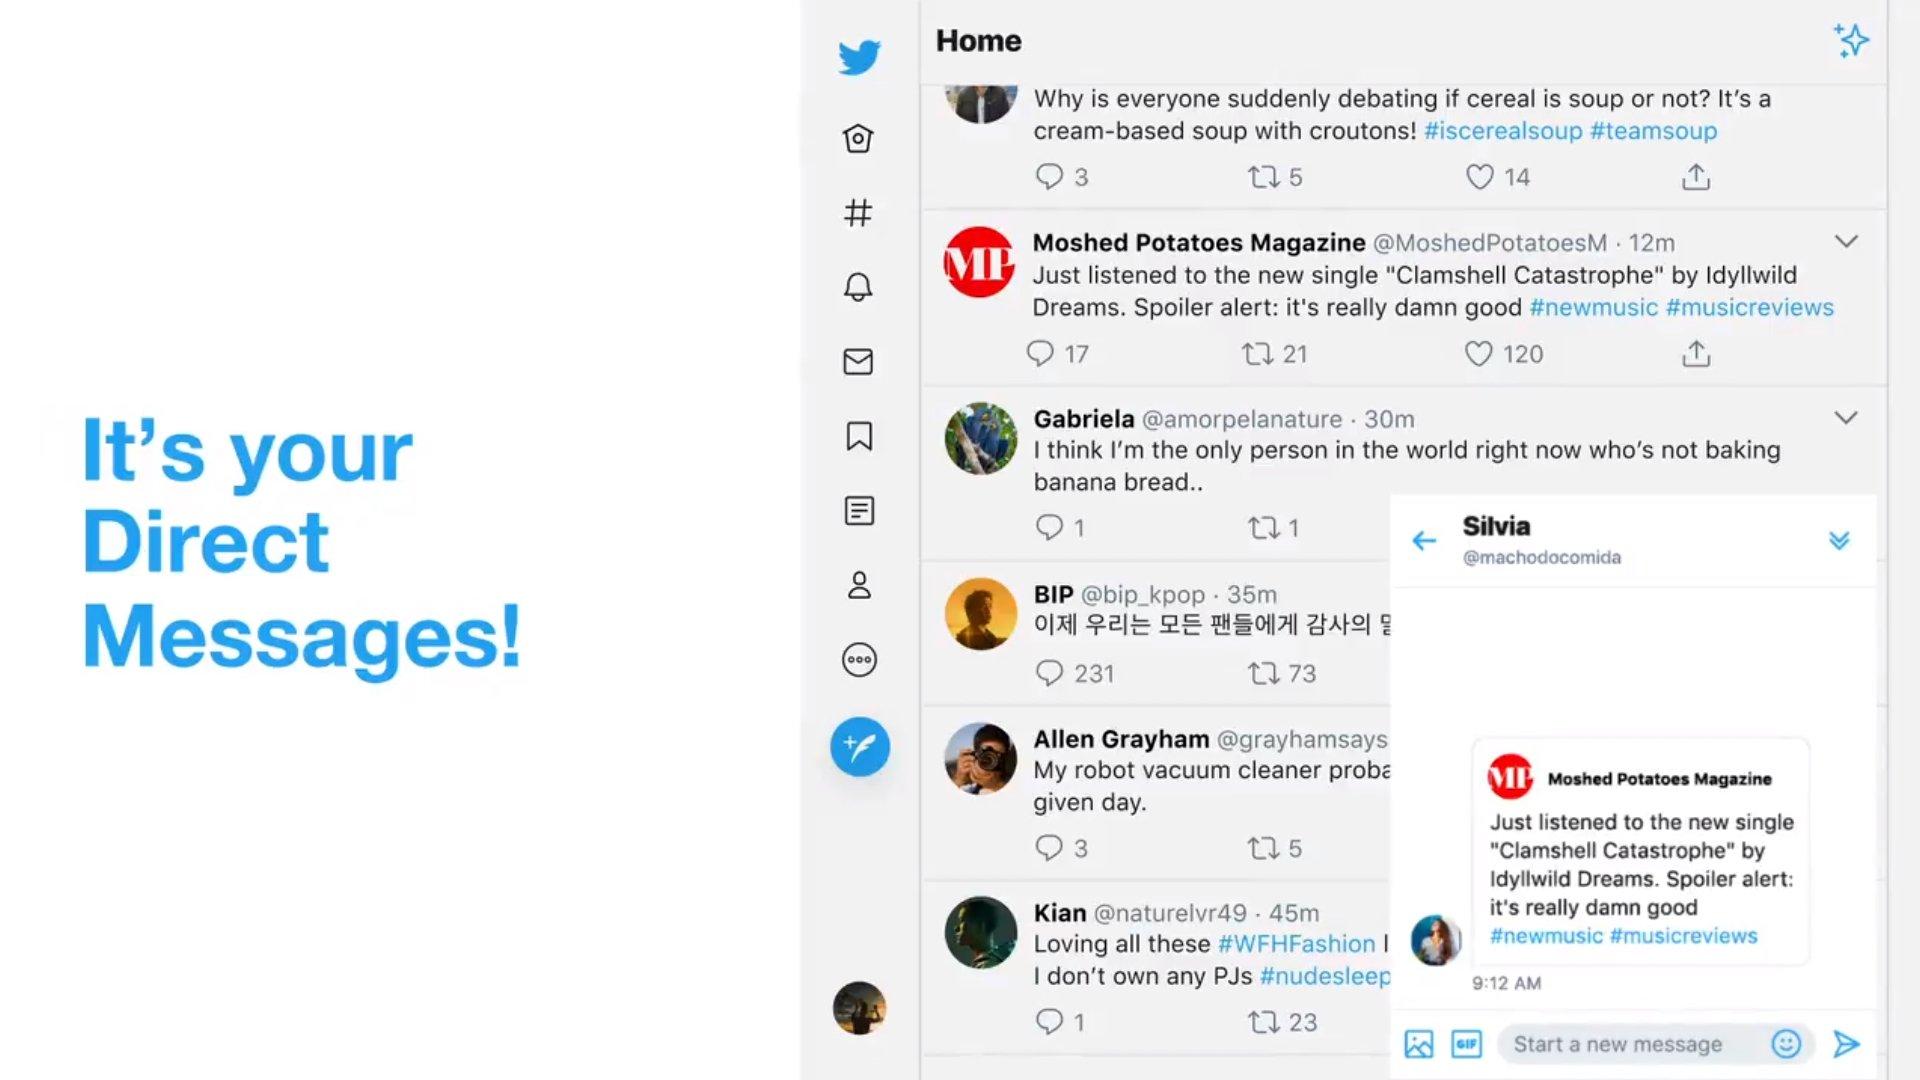 Twitter mensagens diretas